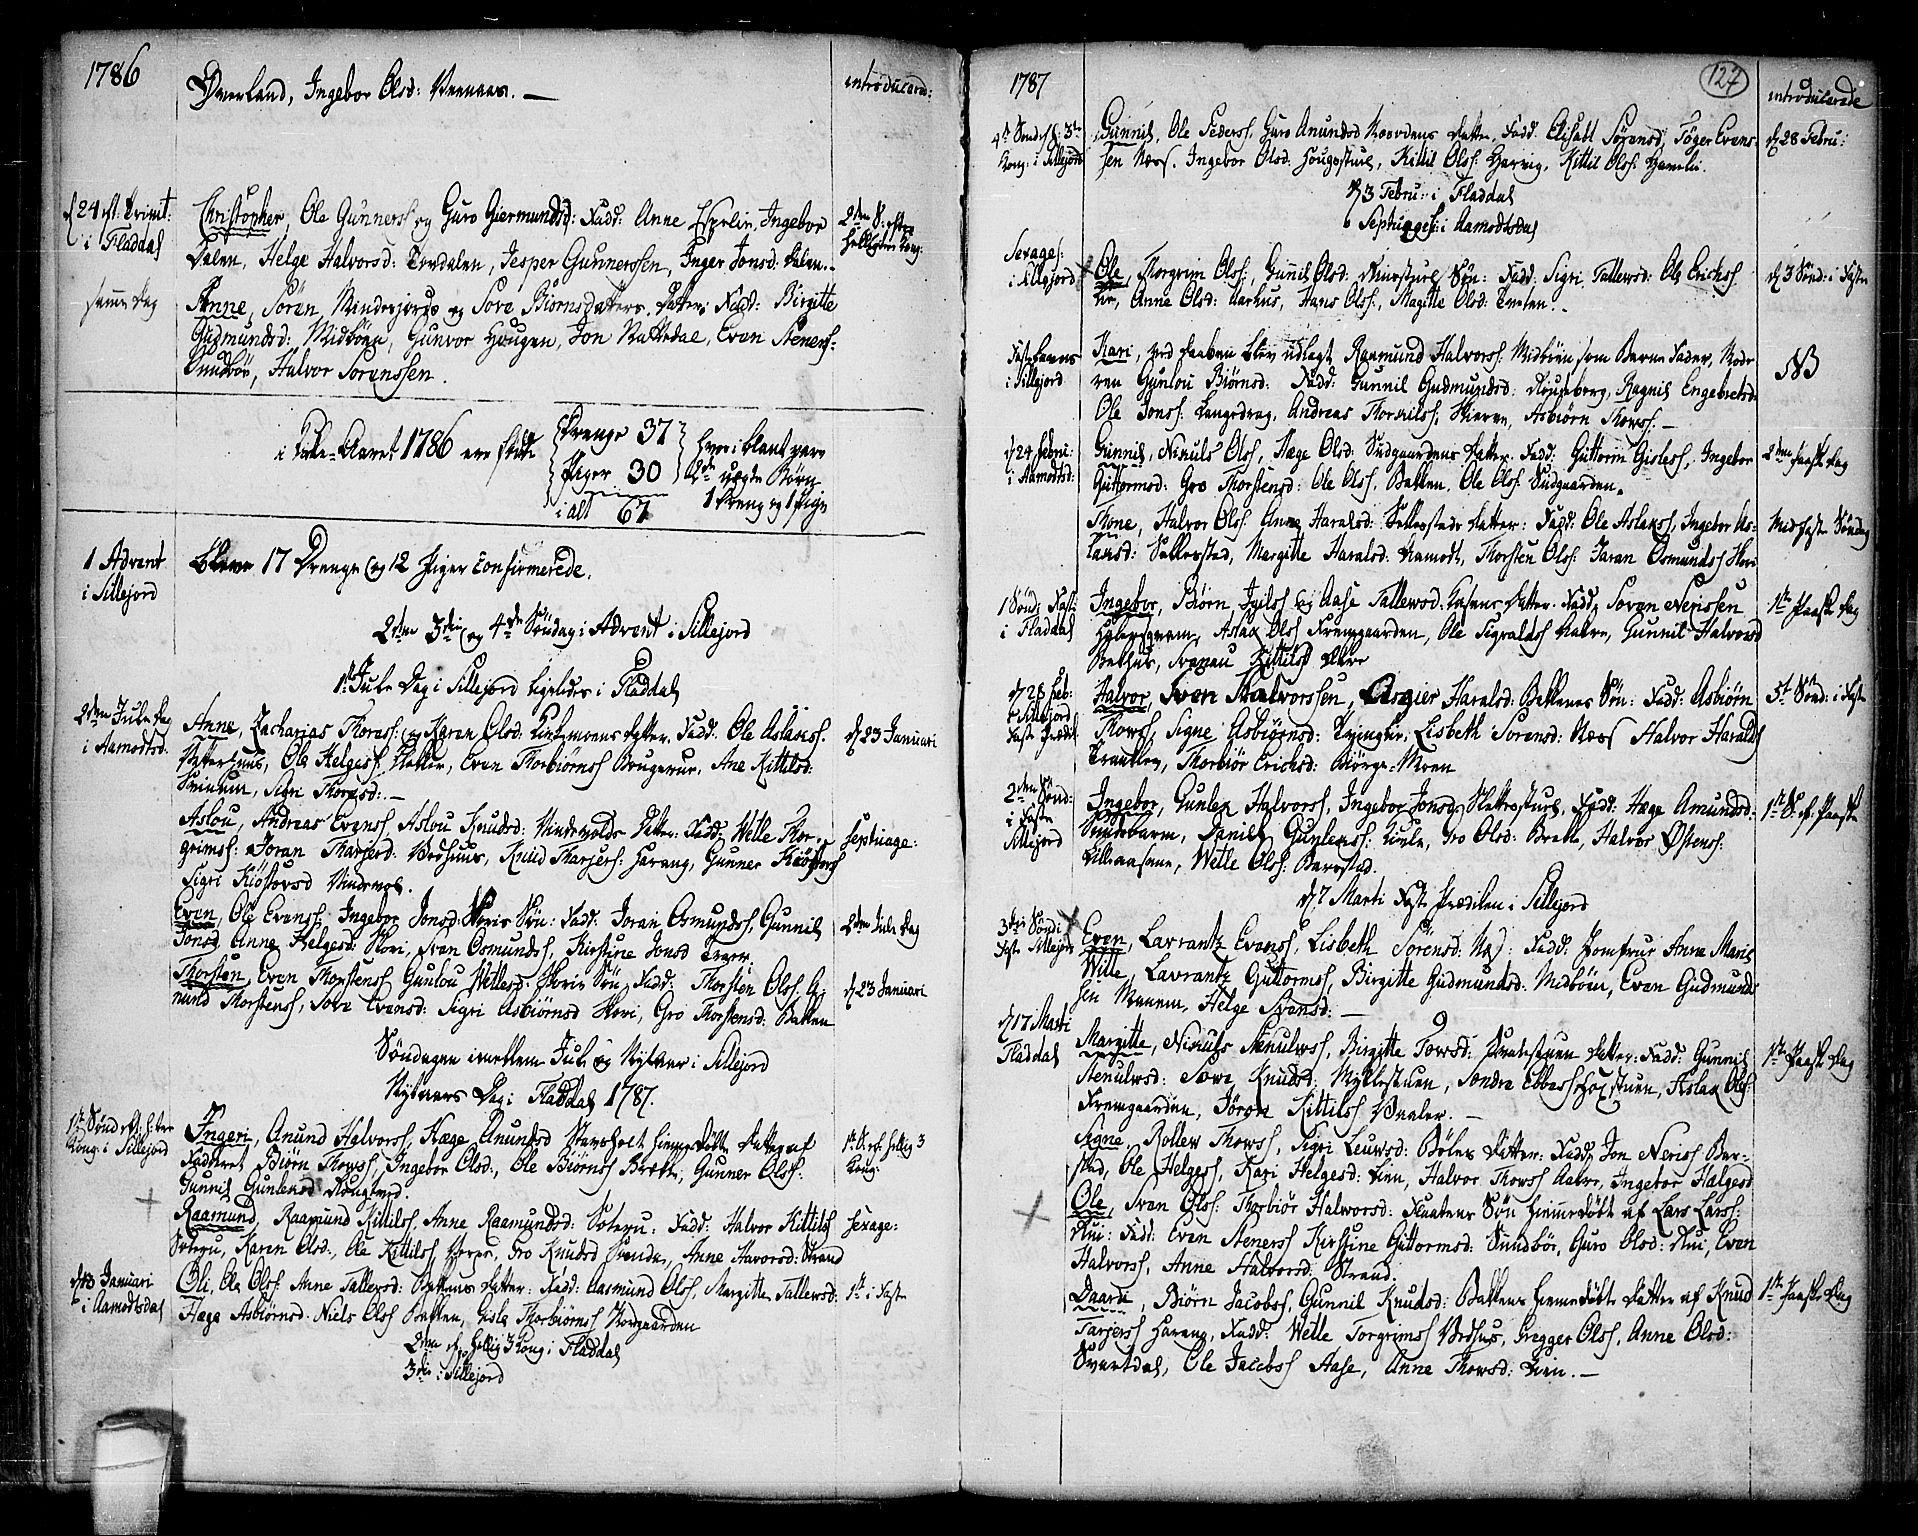 SAKO, Seljord kirkebøker, F/Fa/L0007: Ministerialbok nr. I 7, 1755-1800, s. 127